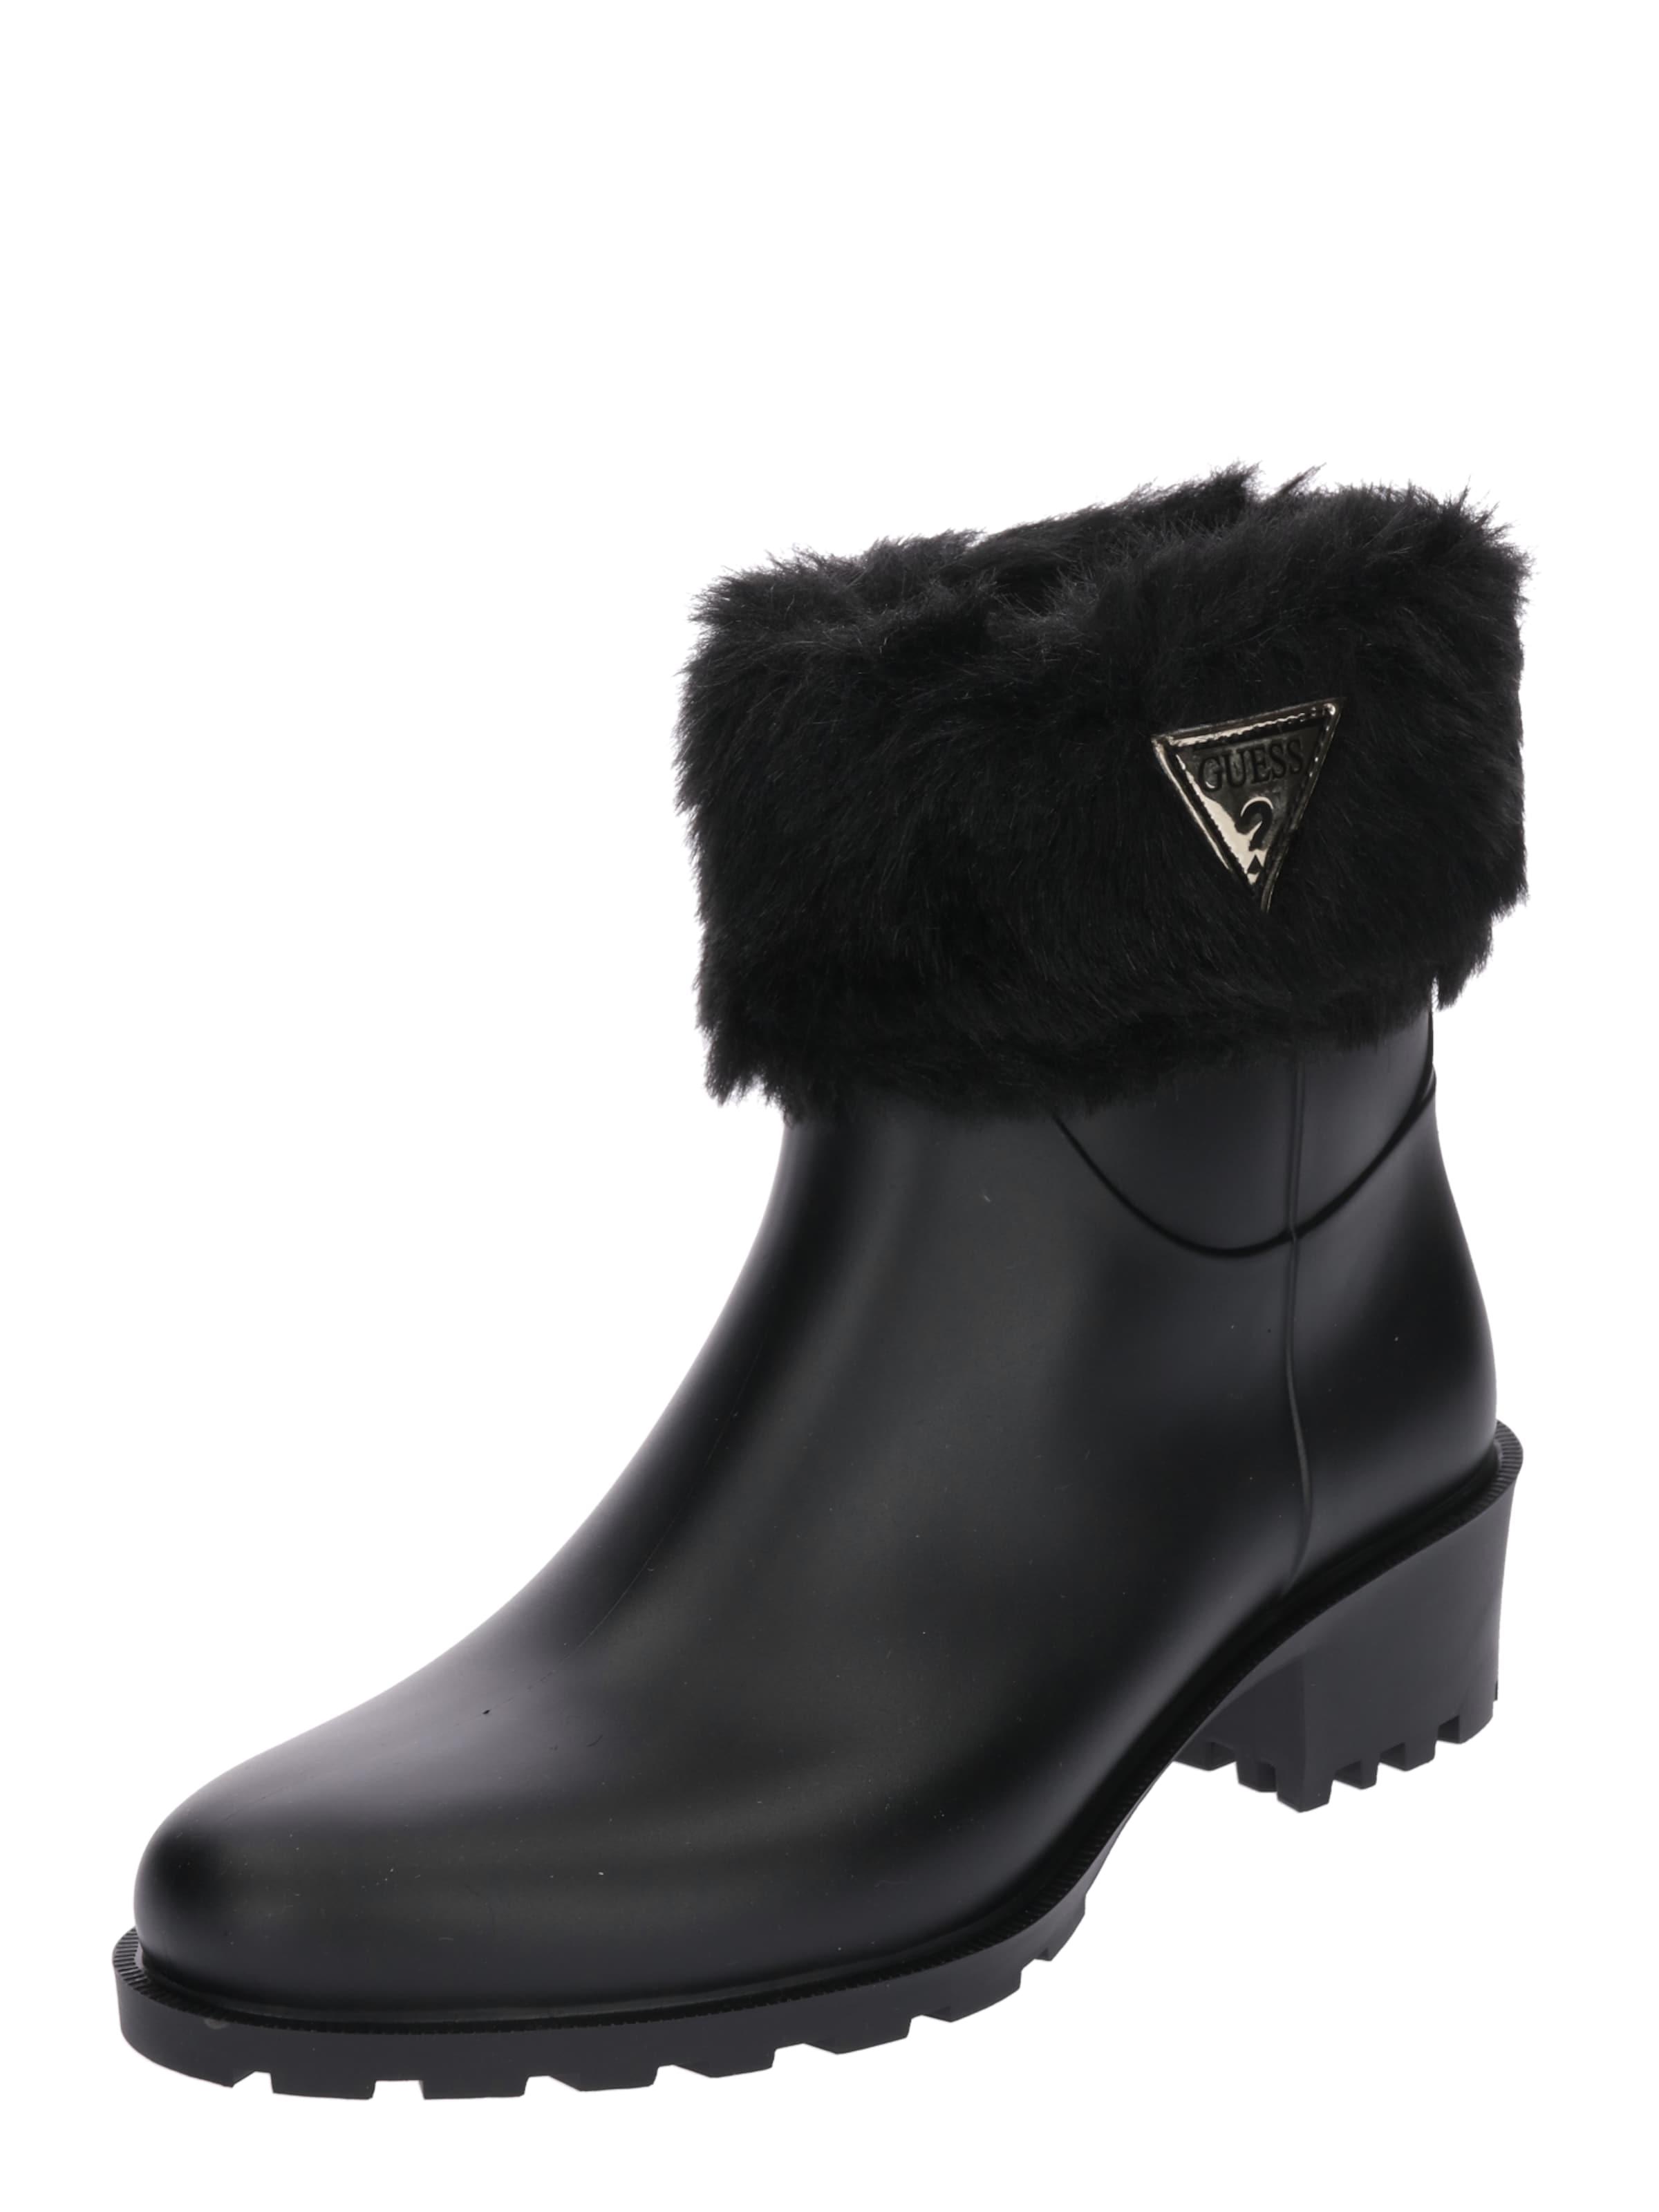 GUESS Gummi-Stiefeletten VENAT Verschleißfeste billige Schuhe